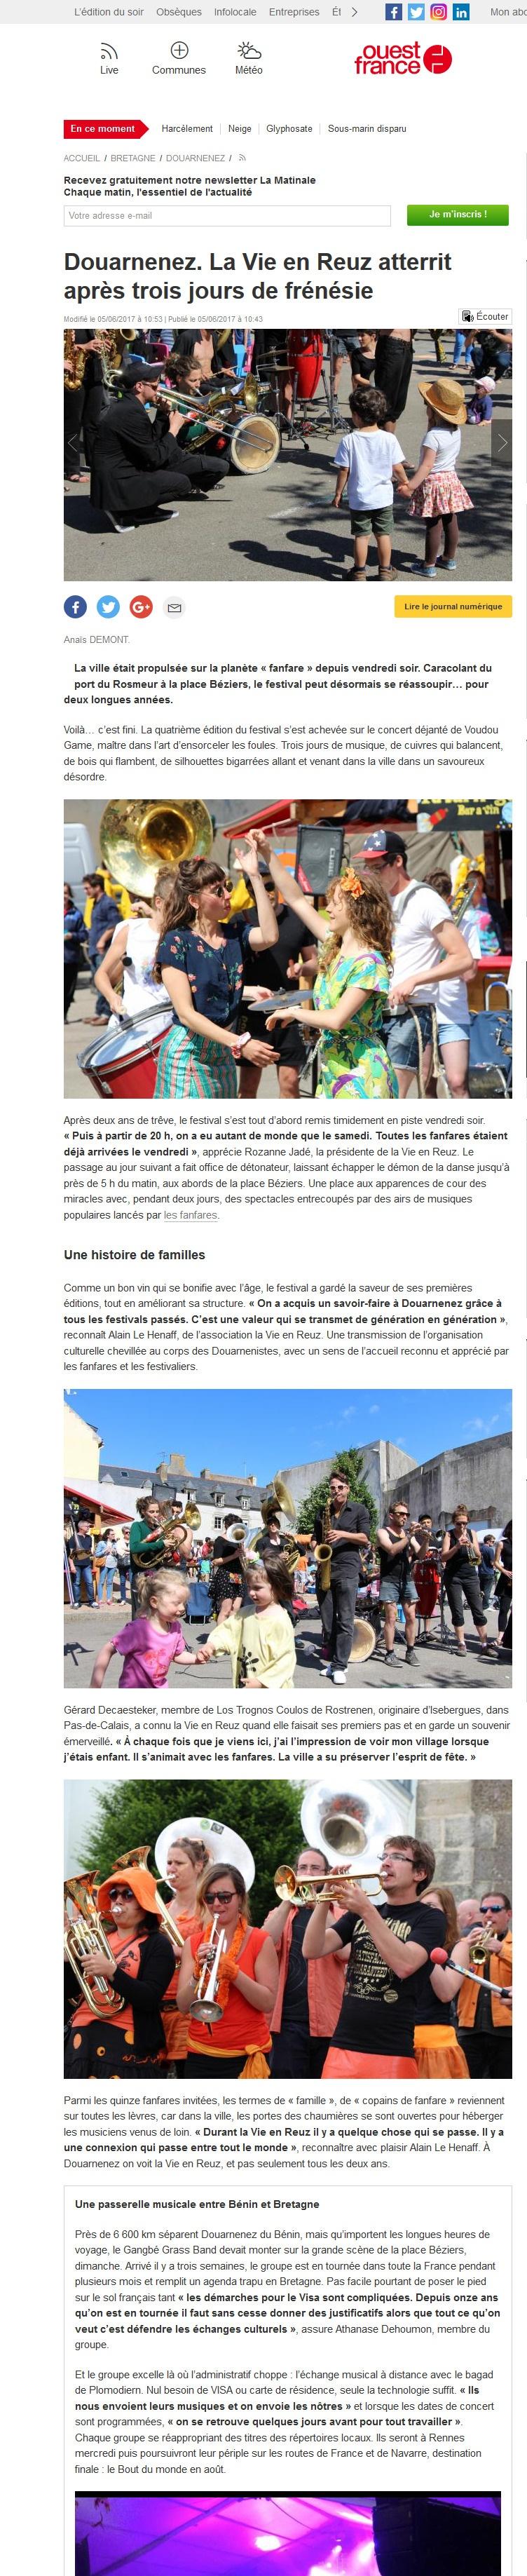 170605 - Ouest France - Douarnenez La Vie en Reuz atterrit après trois jours de frénésie